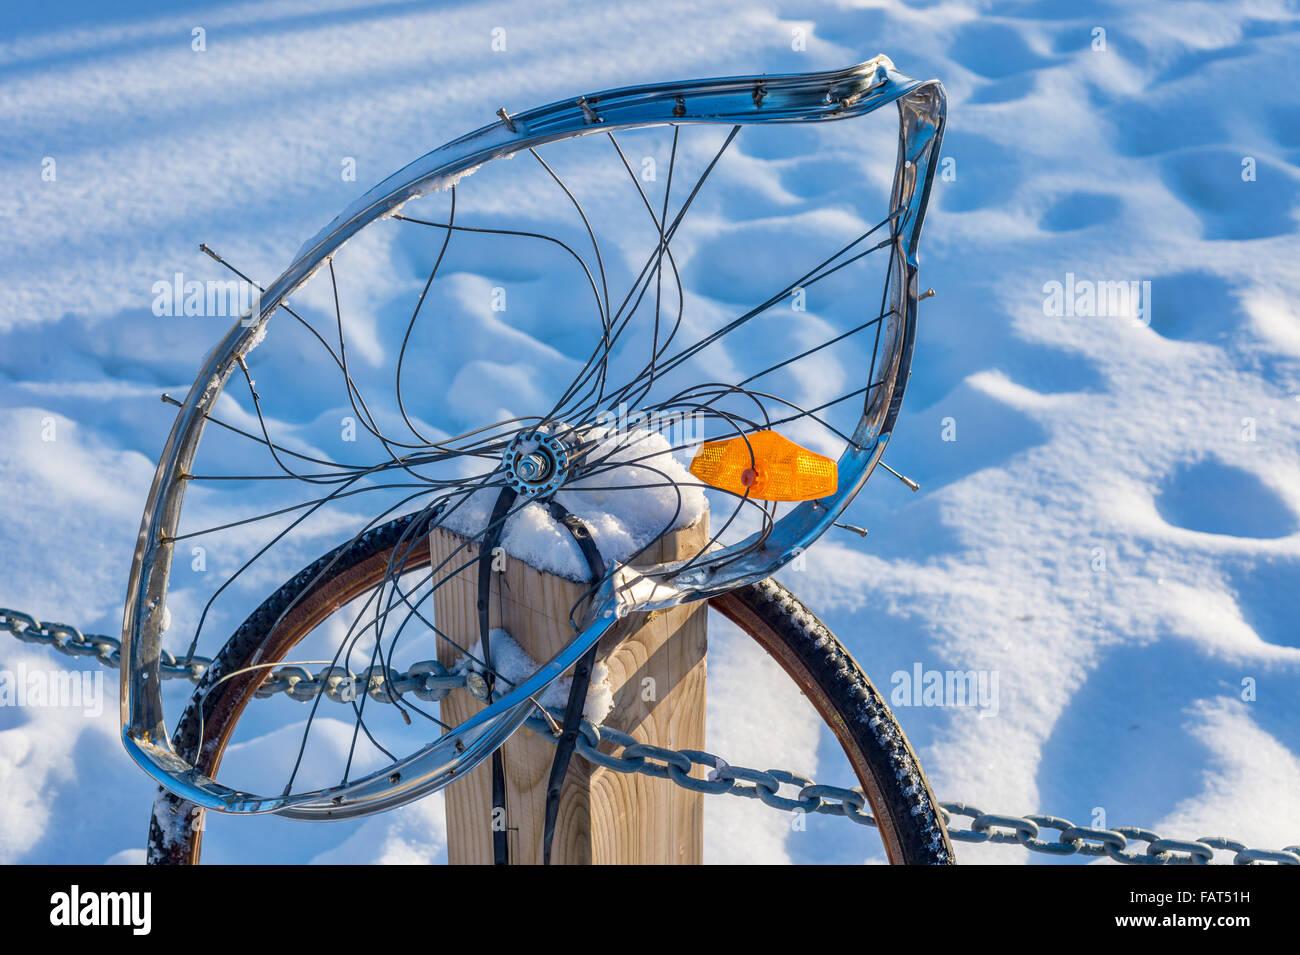 Close up di un allacciata ruota di bicicletta, che simboleggiano i pericoli del ciclismo urbano Immagini Stock